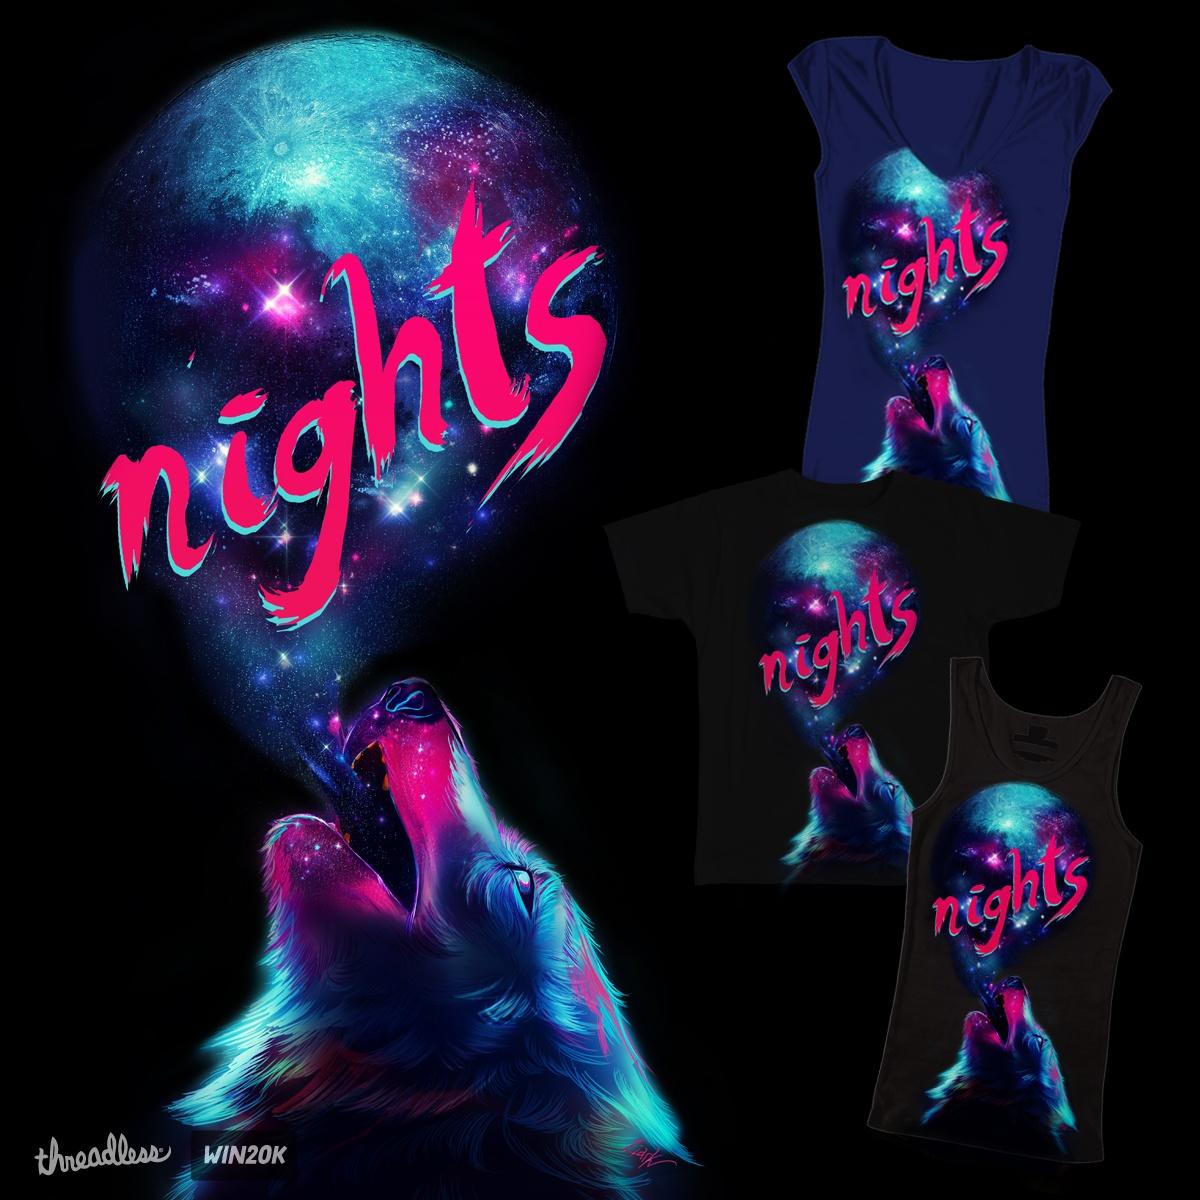 Howl the night by Liark2z on Threadless